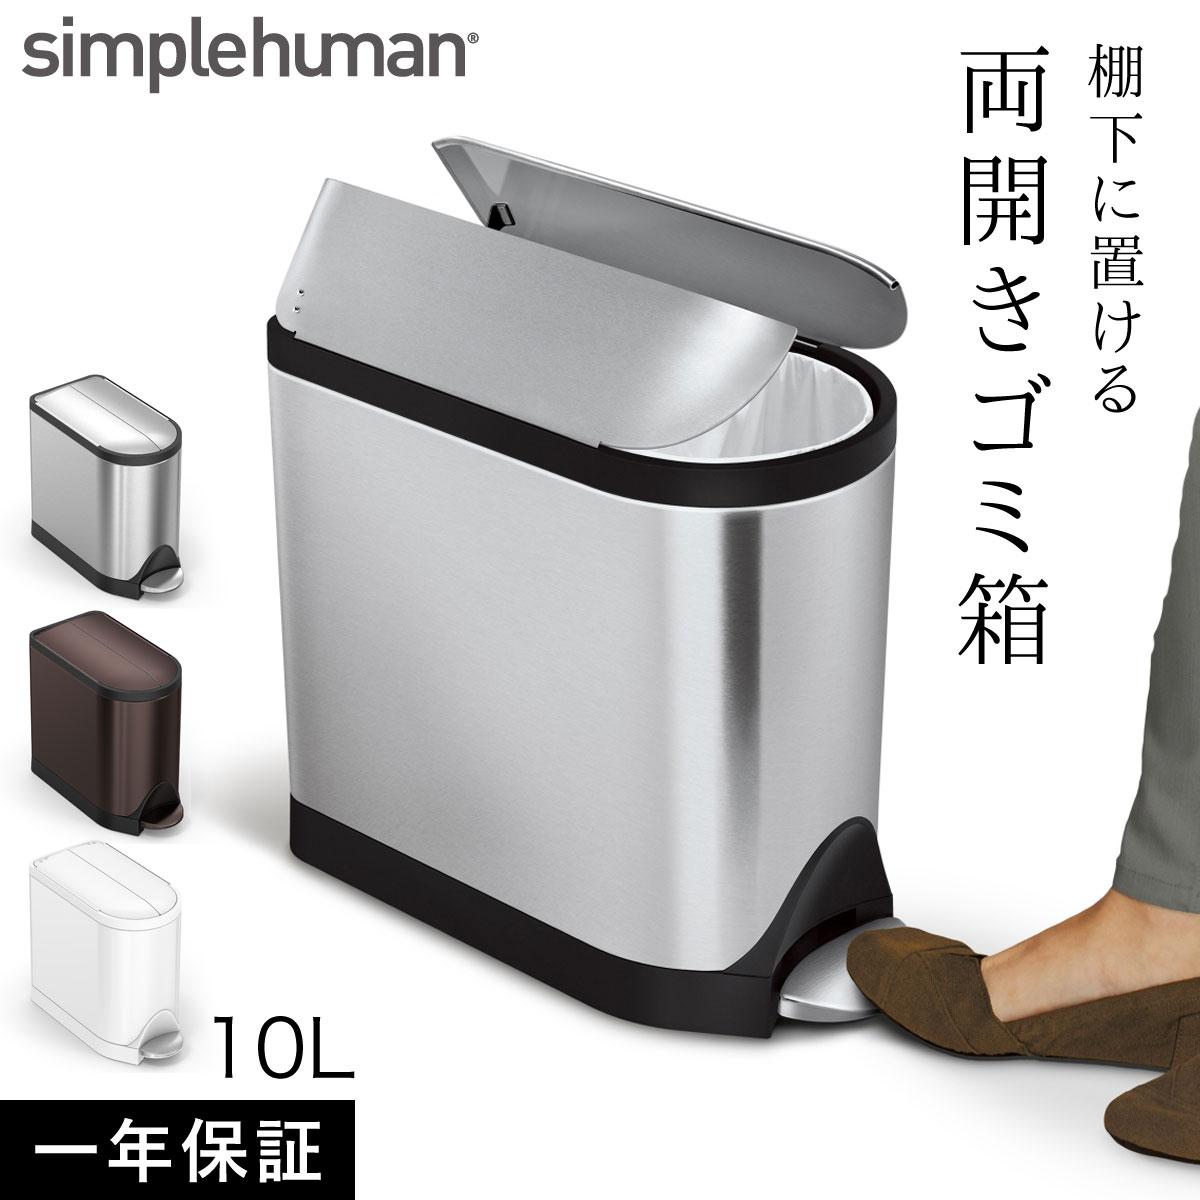 【最大10%OFFクーポン】simplehuman シンプルヒューマン バタフライステップカン 10L メーカー直送 返品不可